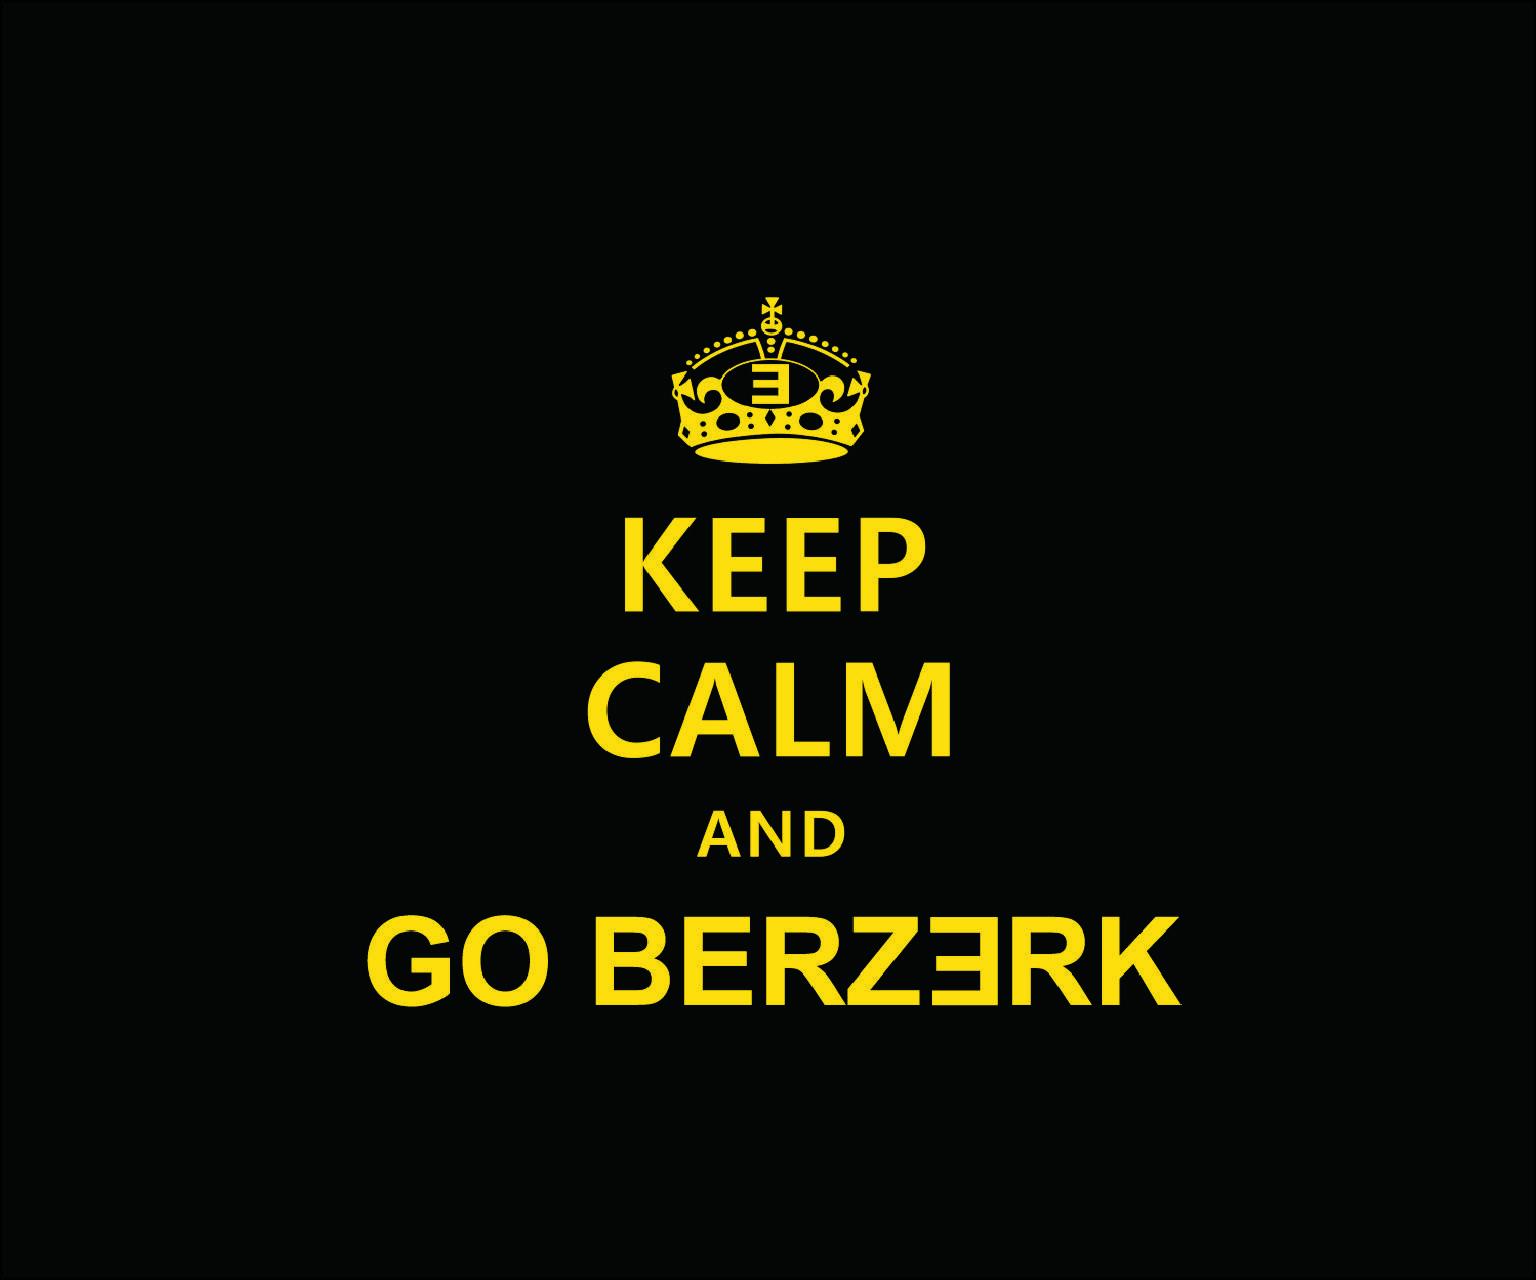 GO BERZERK